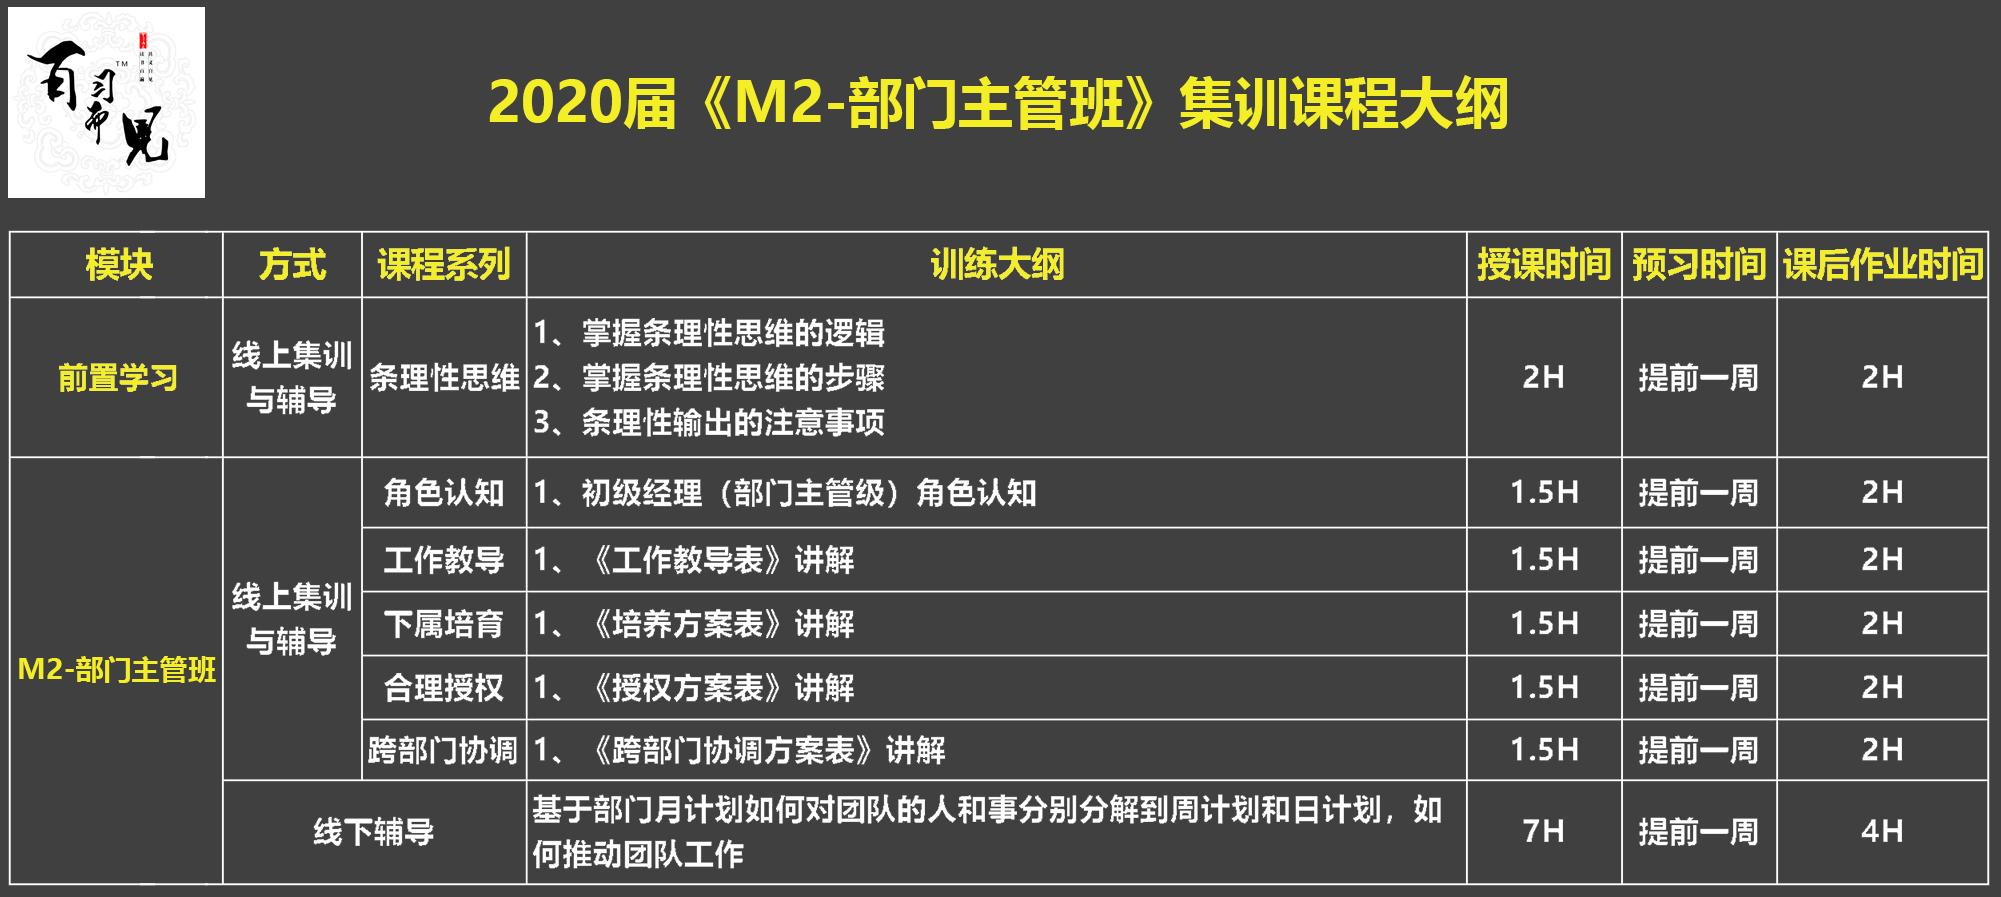 """2020届 """"H2-初级团队 集训班""""集训课程大纲.jpg"""